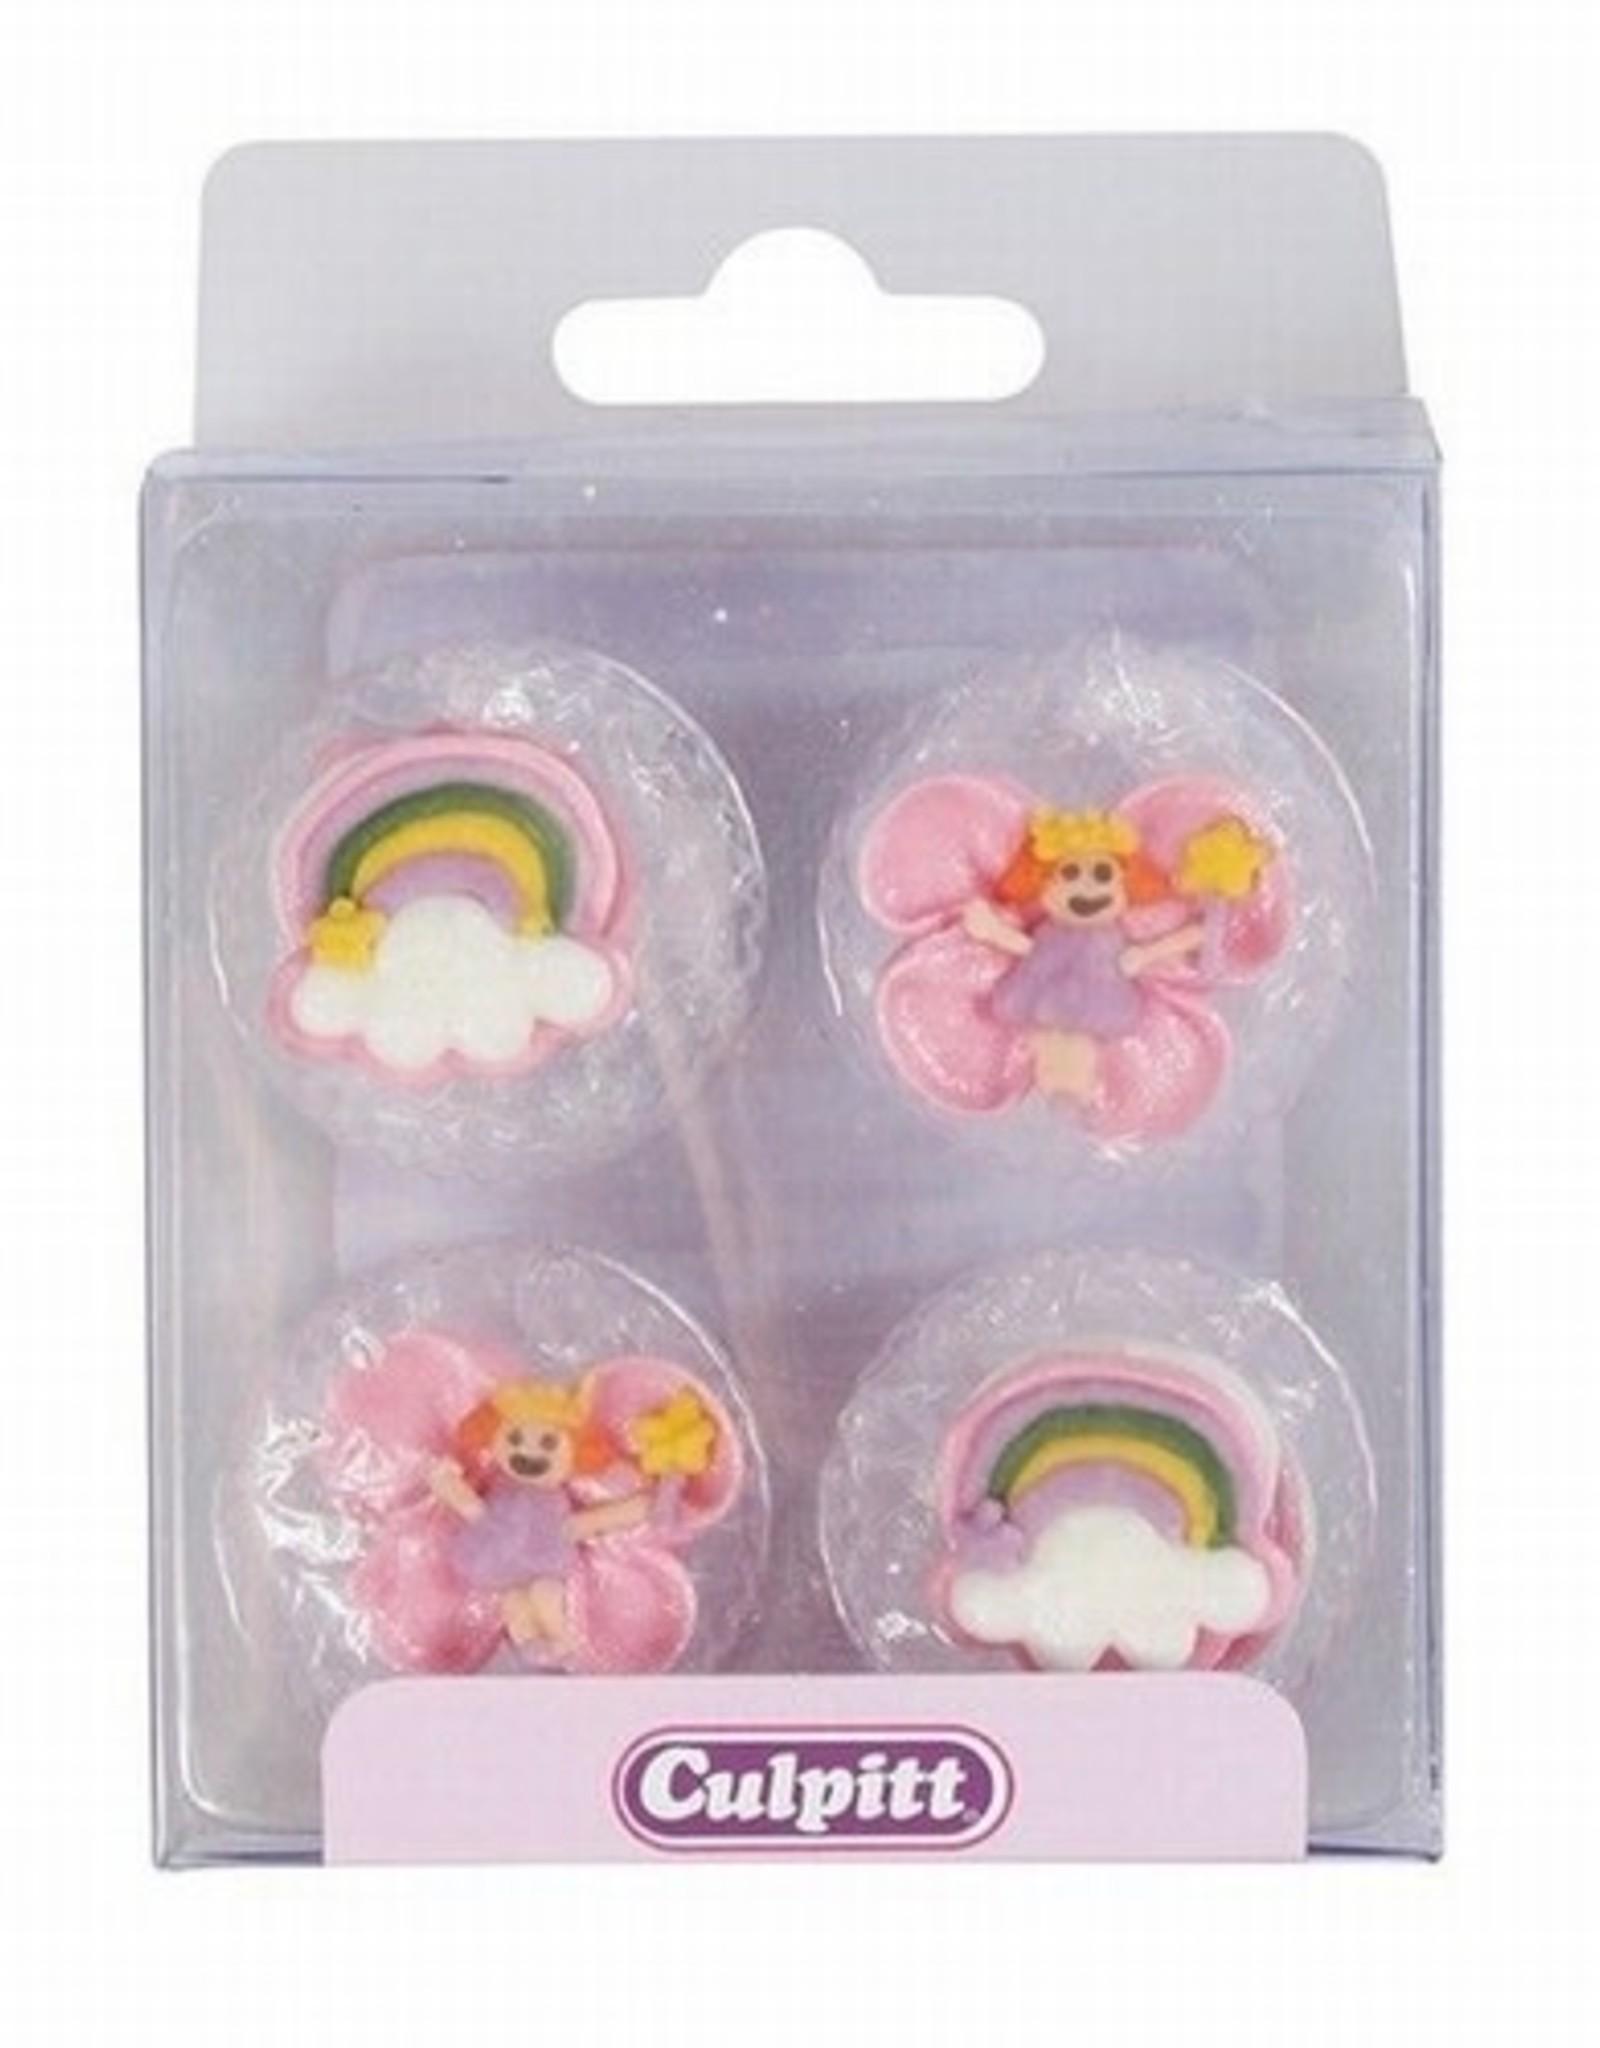 Culpitt Culpitt Suikerdecoratie Feeën en Regenbogen pk/12